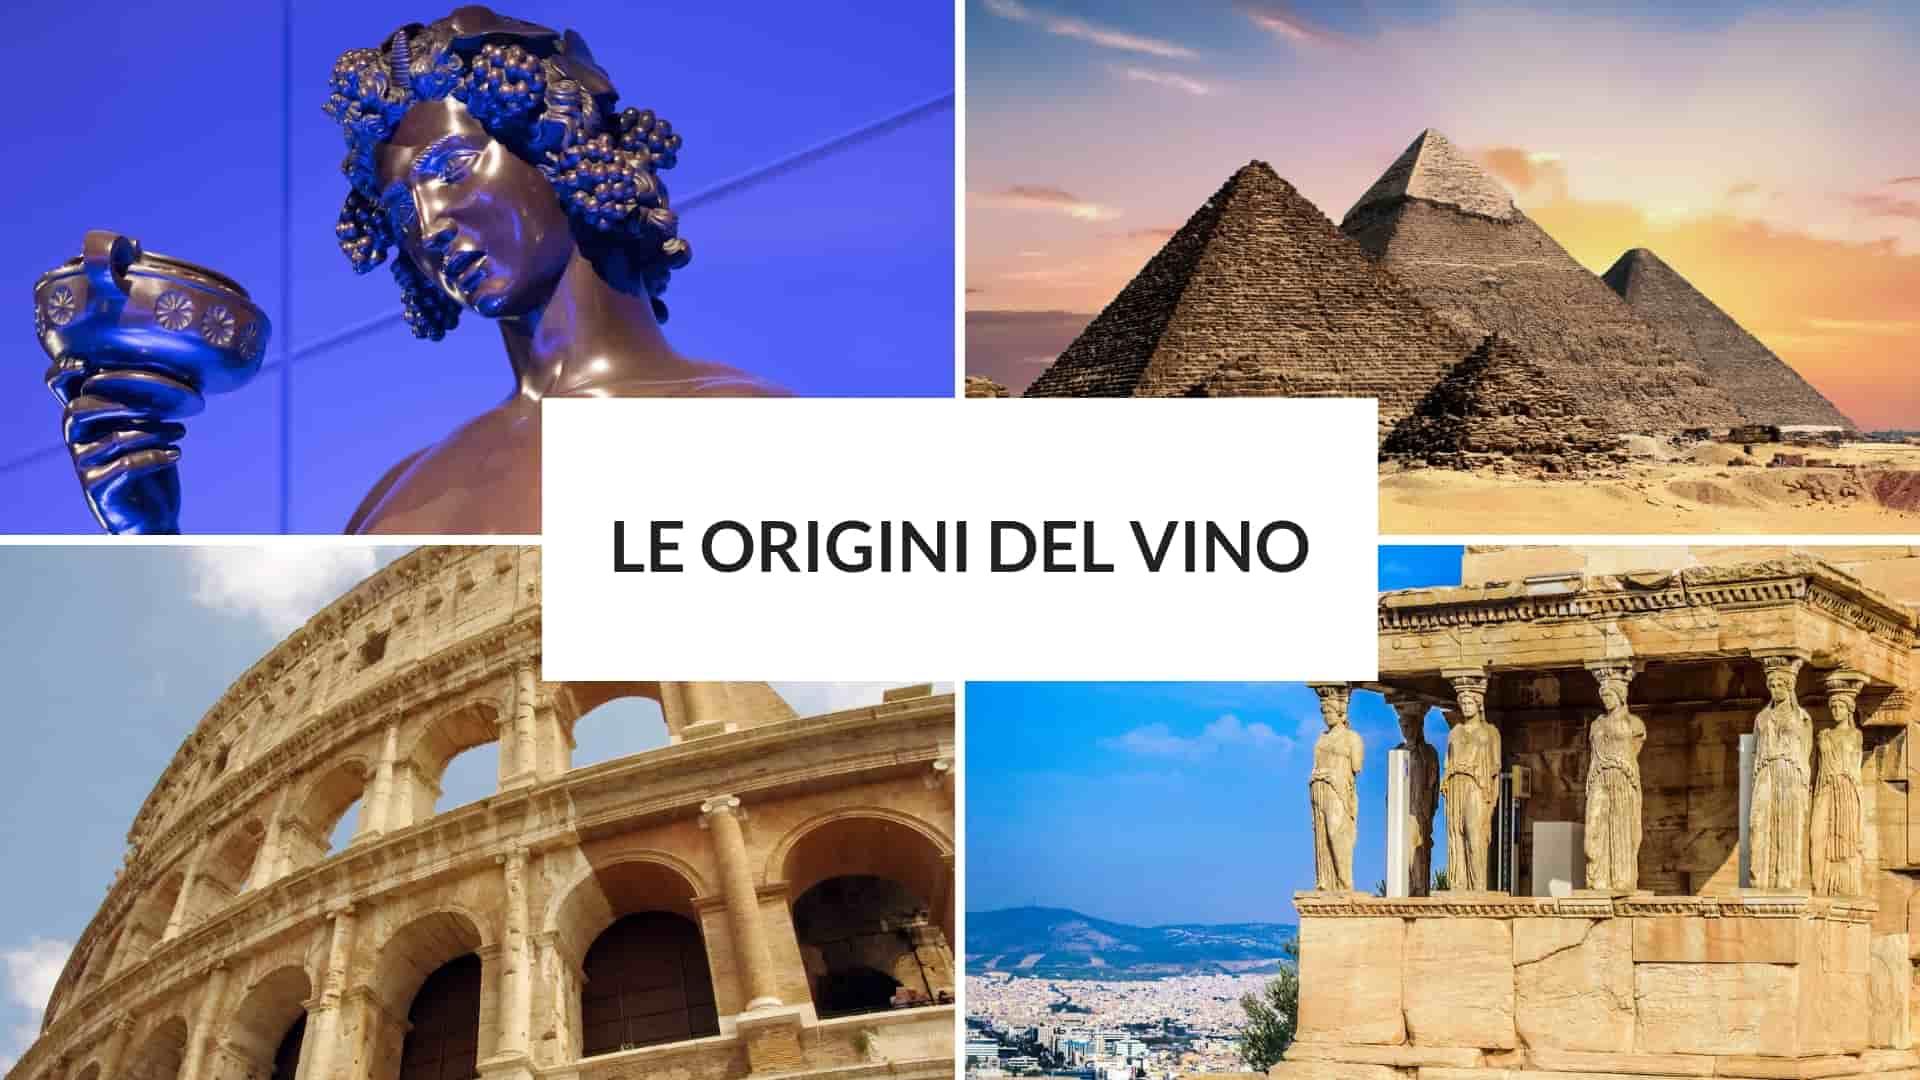 le origini del vino ai tempi di Roma